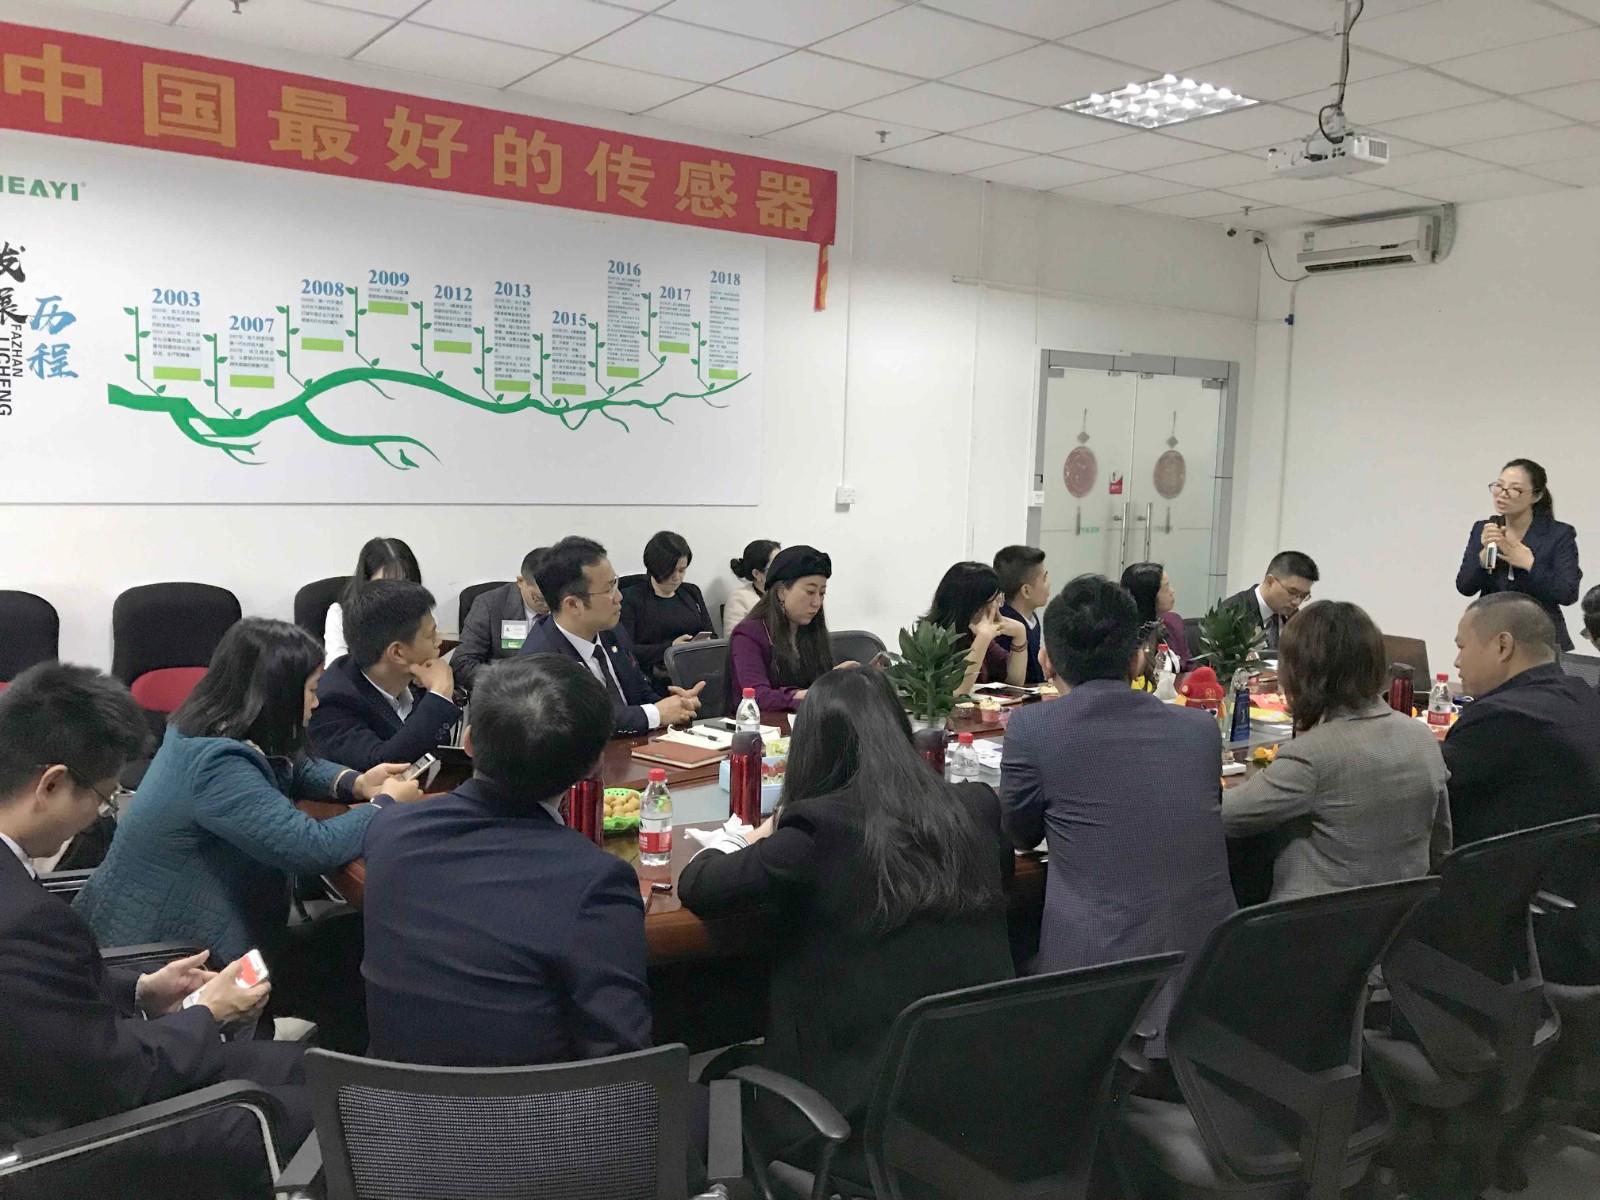 Heyi-Bni Guanghua Branch Of Haizhu District, Guangzhou, Come And Visit Heyi Tec-4